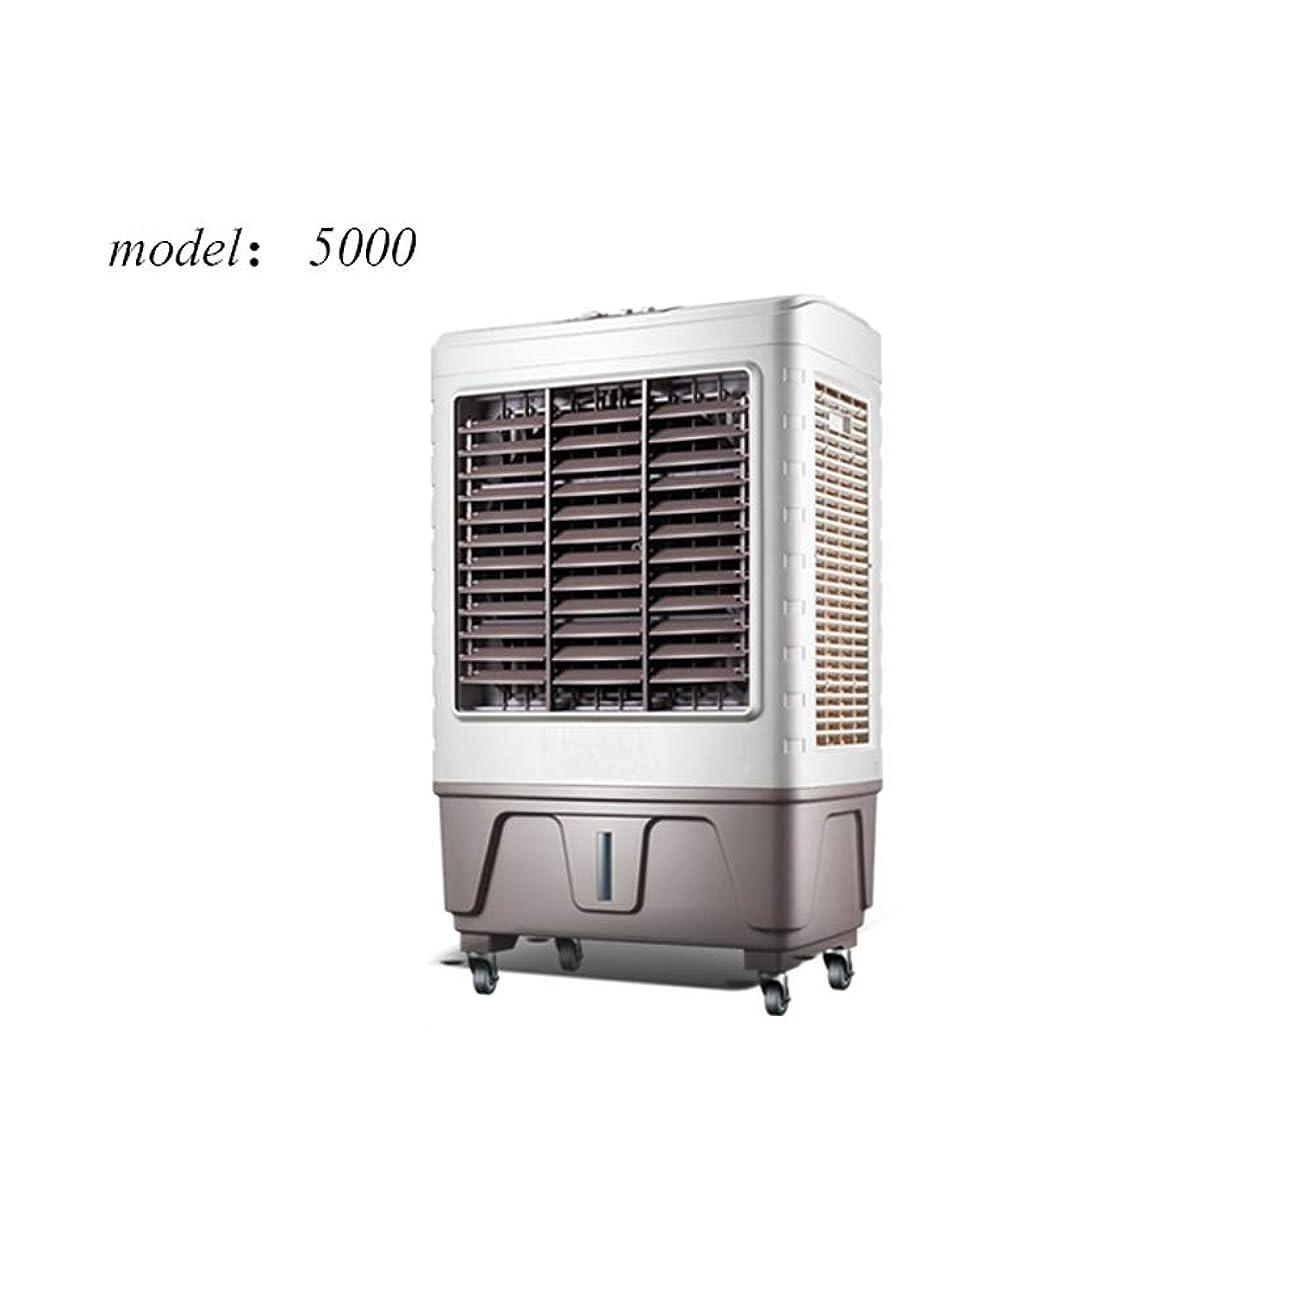 公フォアタイププロットFINLR 携帯用蒸発エアコンタワー冷気クーラーファンモバイルエアコン 大型貯水タンク急速冷却省エネ モバイル (Color : #5000)